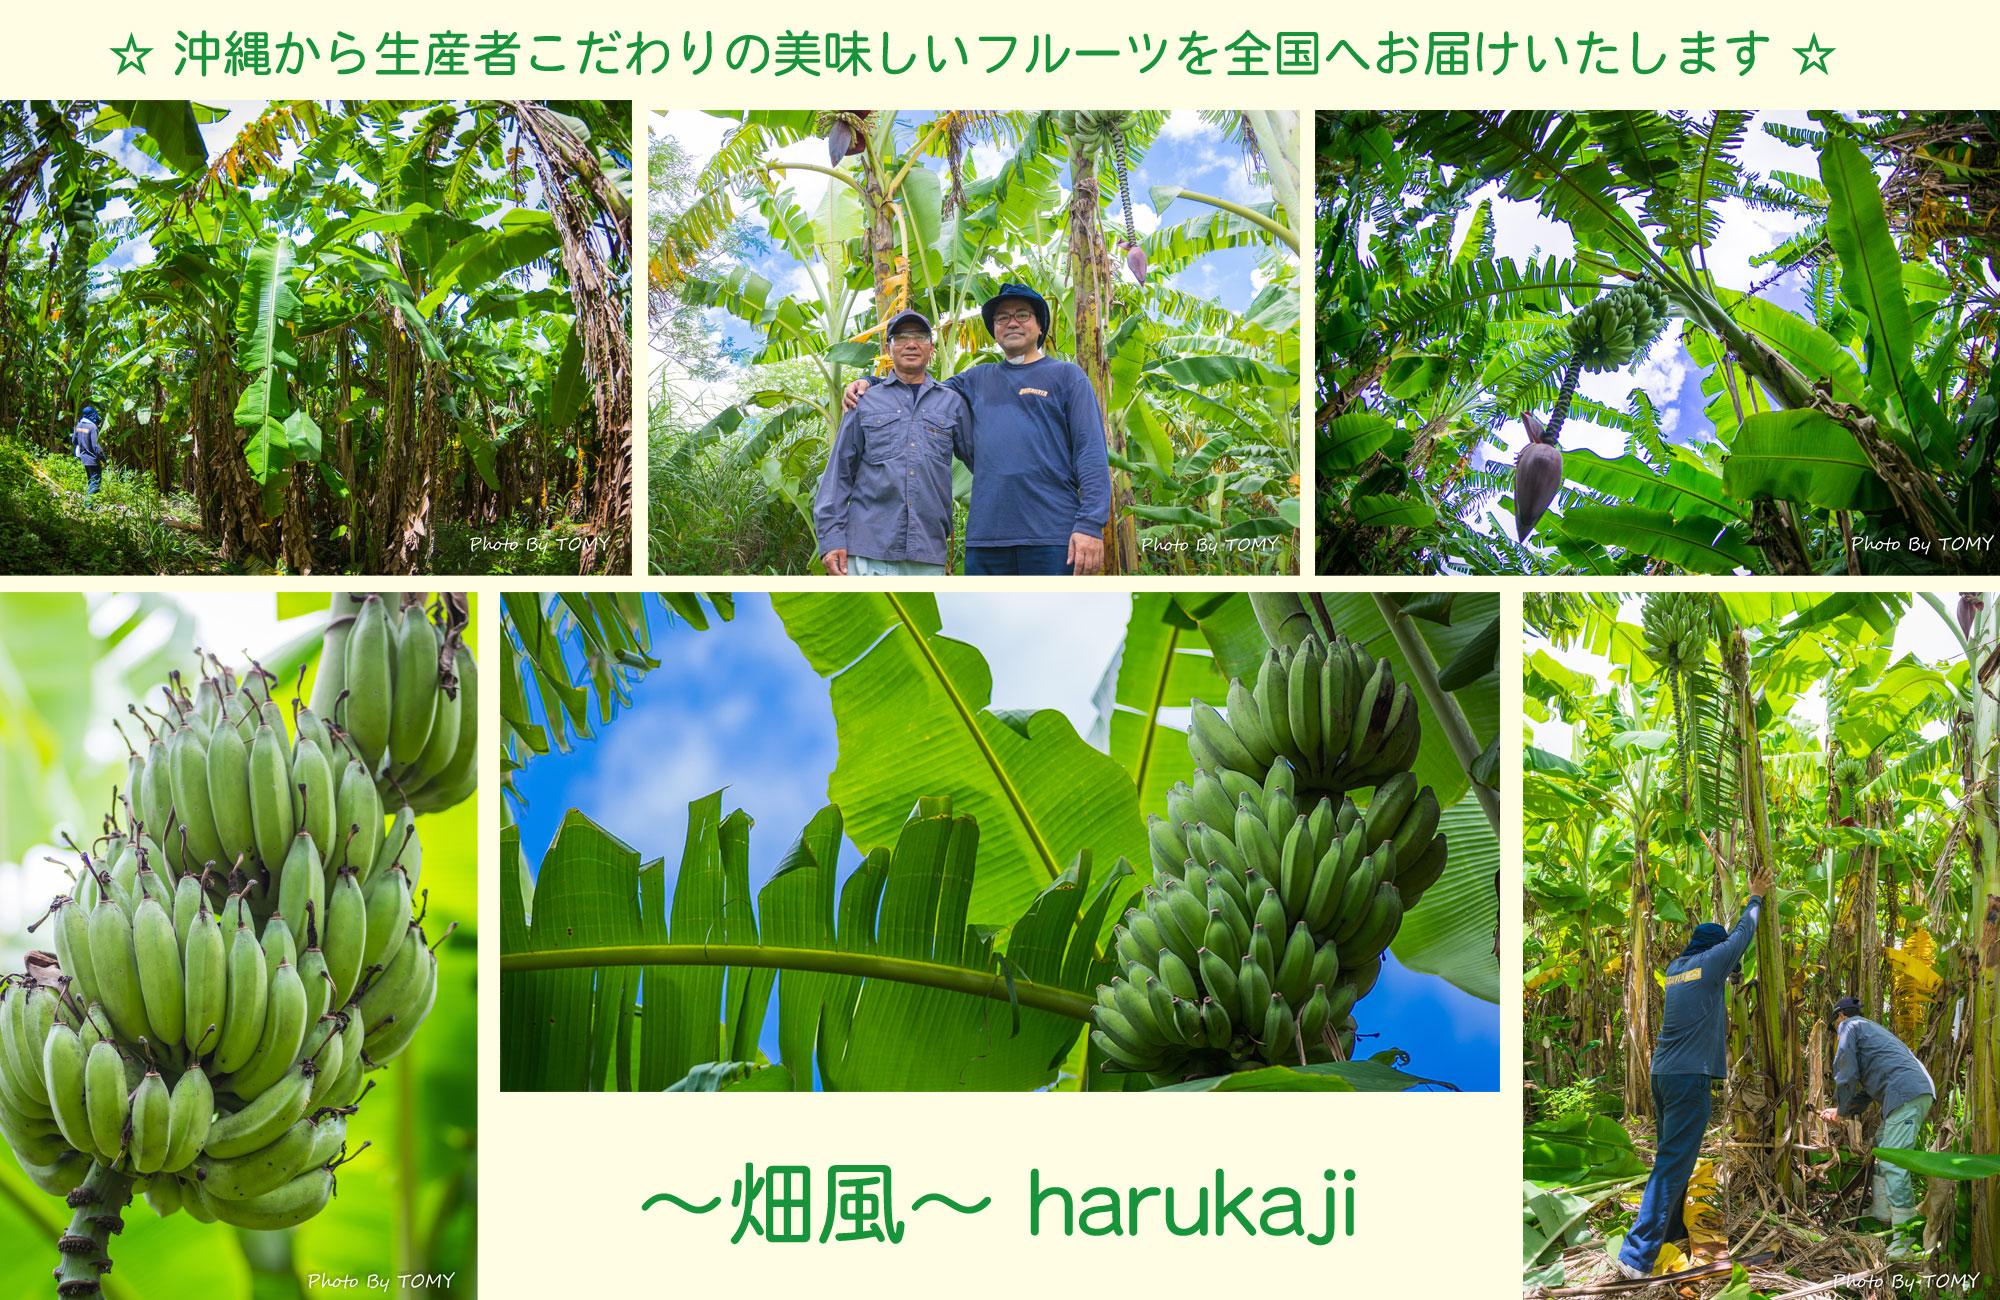 ~畑風~ harukaji